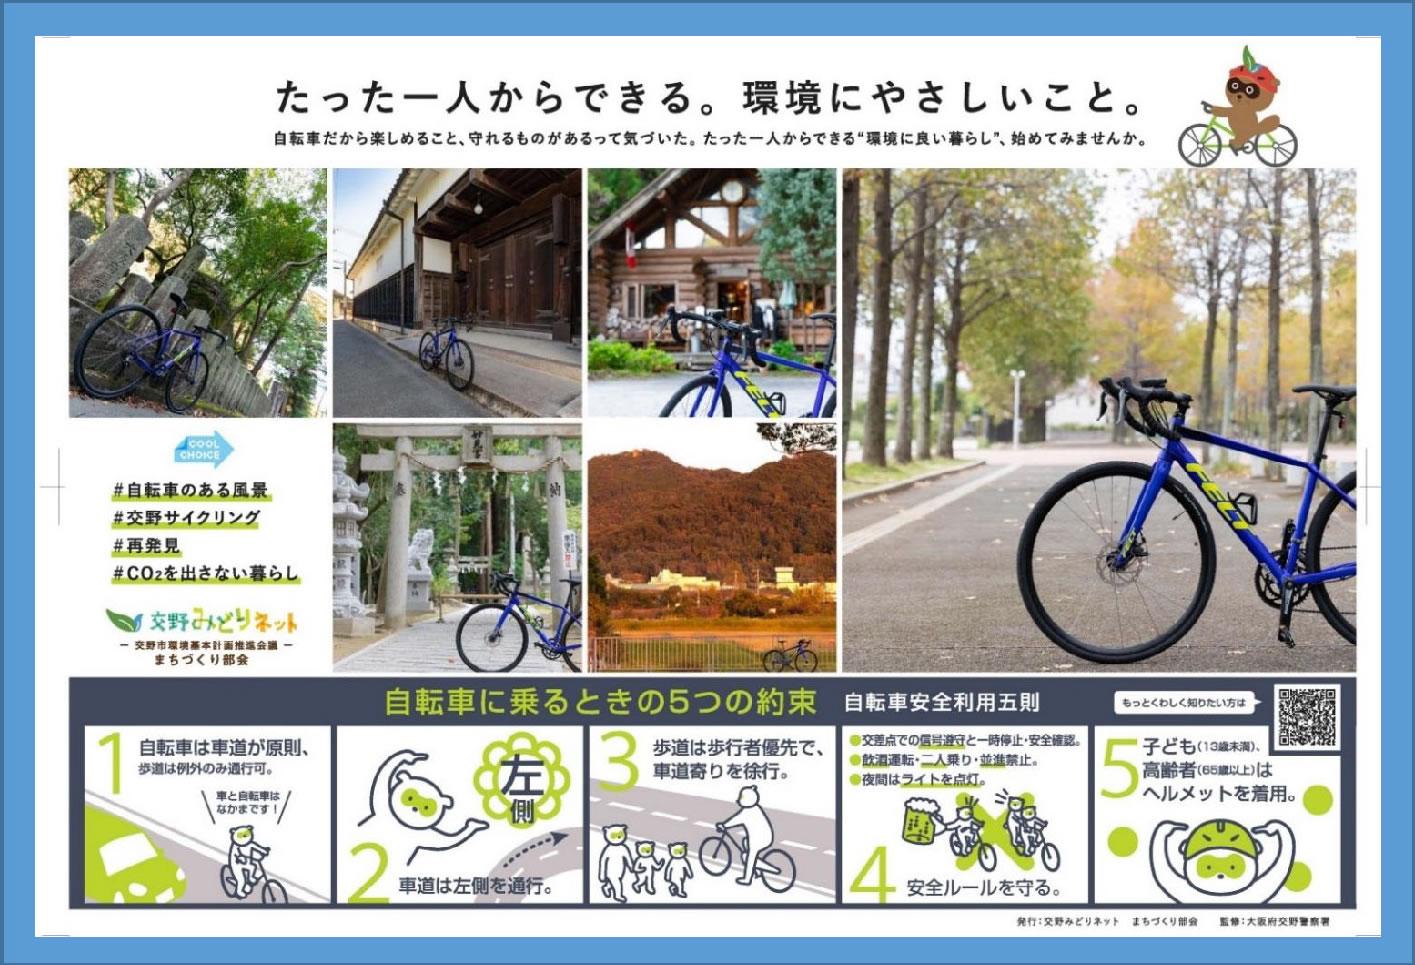 自転車安全運転啓発ポスター